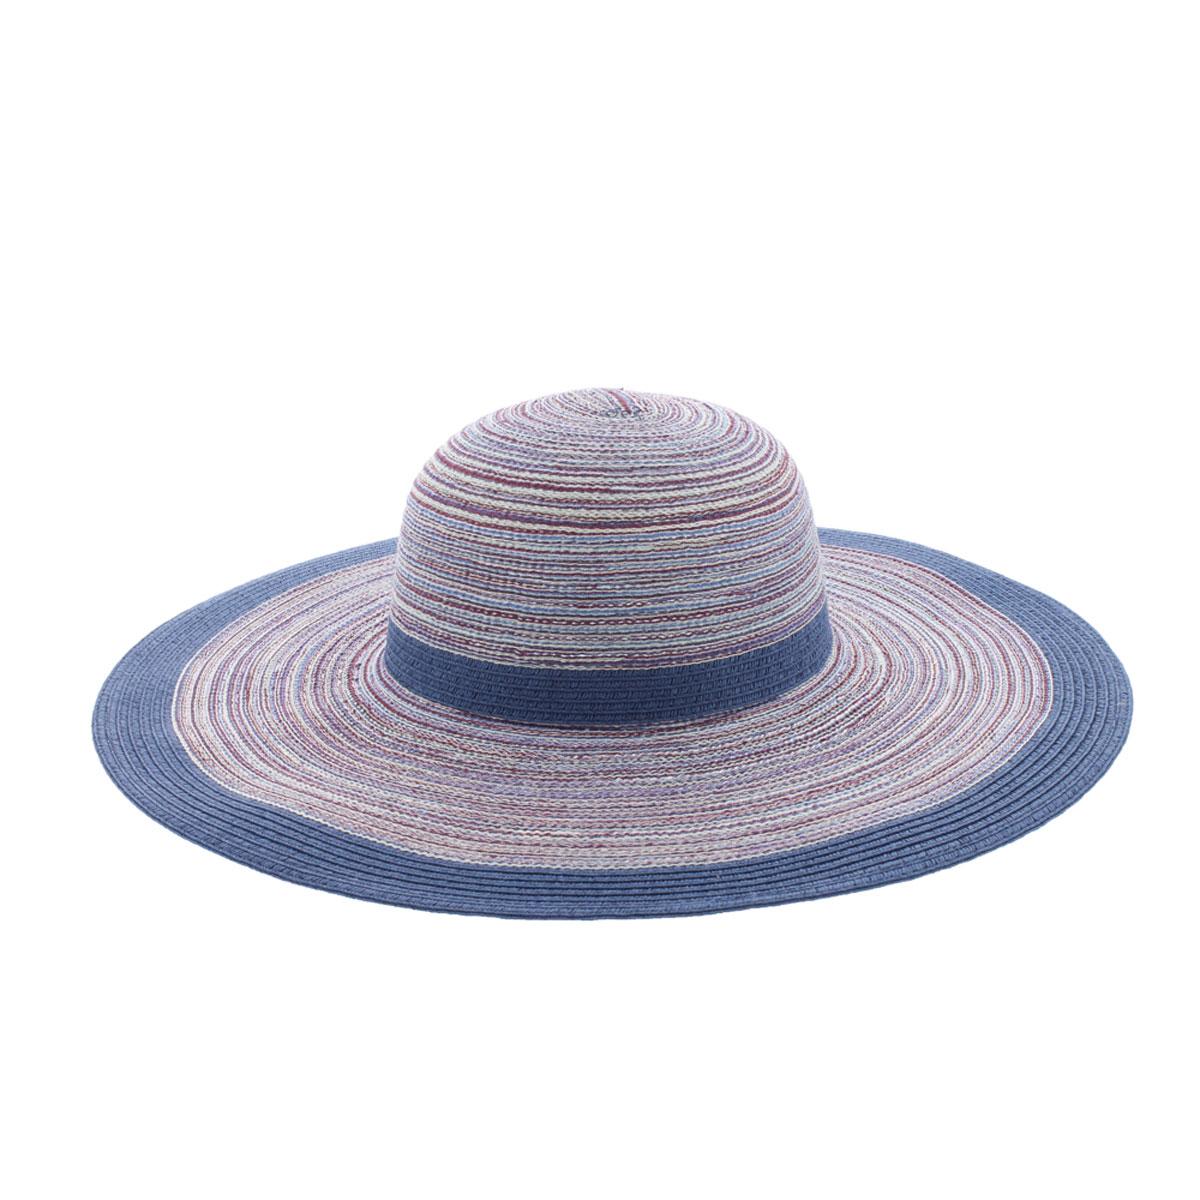 Шляпа жен. 77-126-0677-126-06-58Восхитительная яркая шляпа с широкими полями. Сплетена таким образом, что темно-синие контрастные нити создают вид опоясывающих шляпу лент - вокруг тульи и по краям полей. Хороший выбор для прогулок по пляжу и летнему городу.